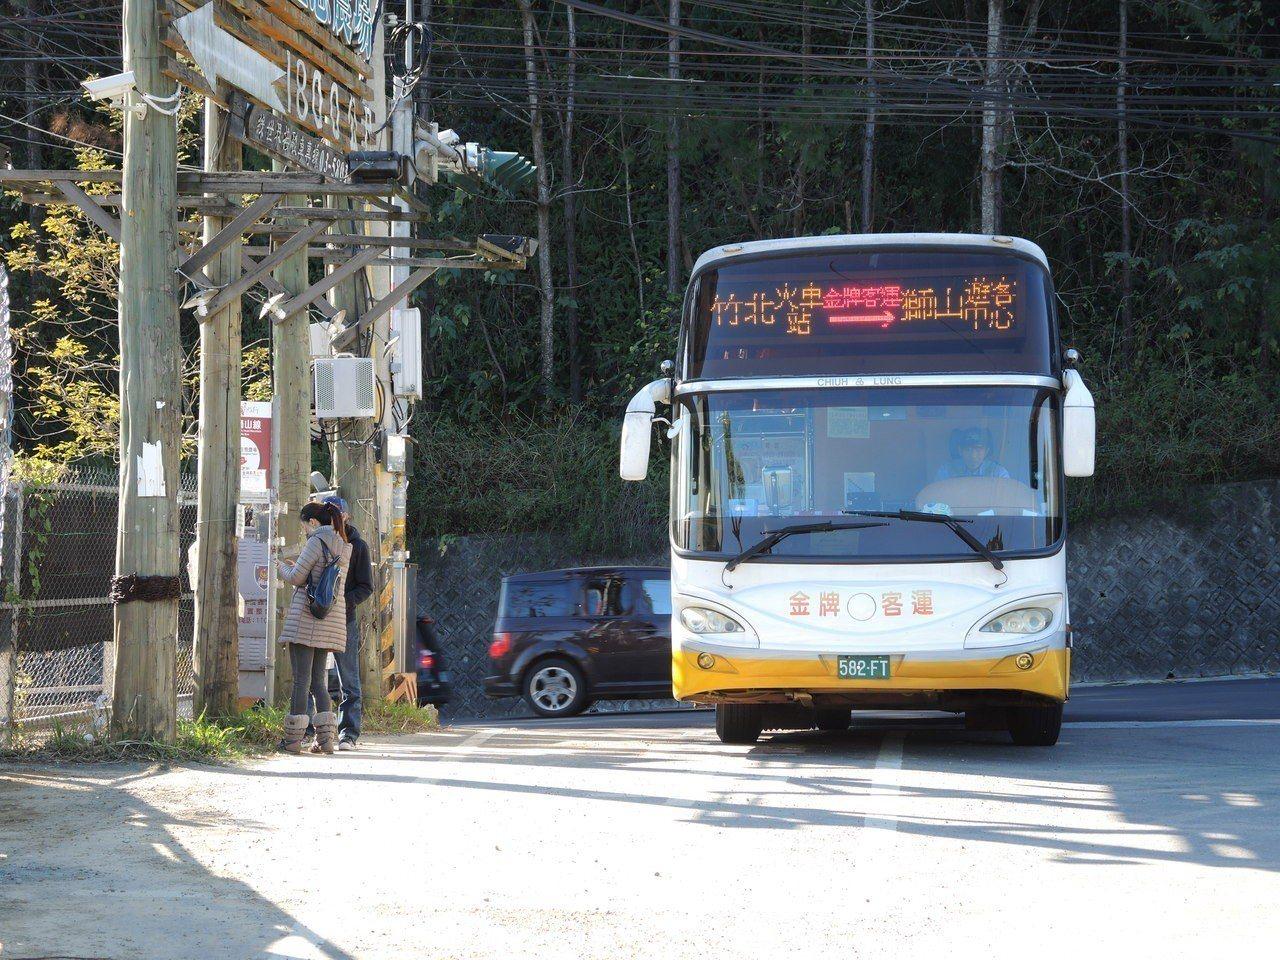 「獅山線」路線串聯竹北車站及高鐵新竹站,沿途行經各大知名景點。記者陳斯穎/攝影